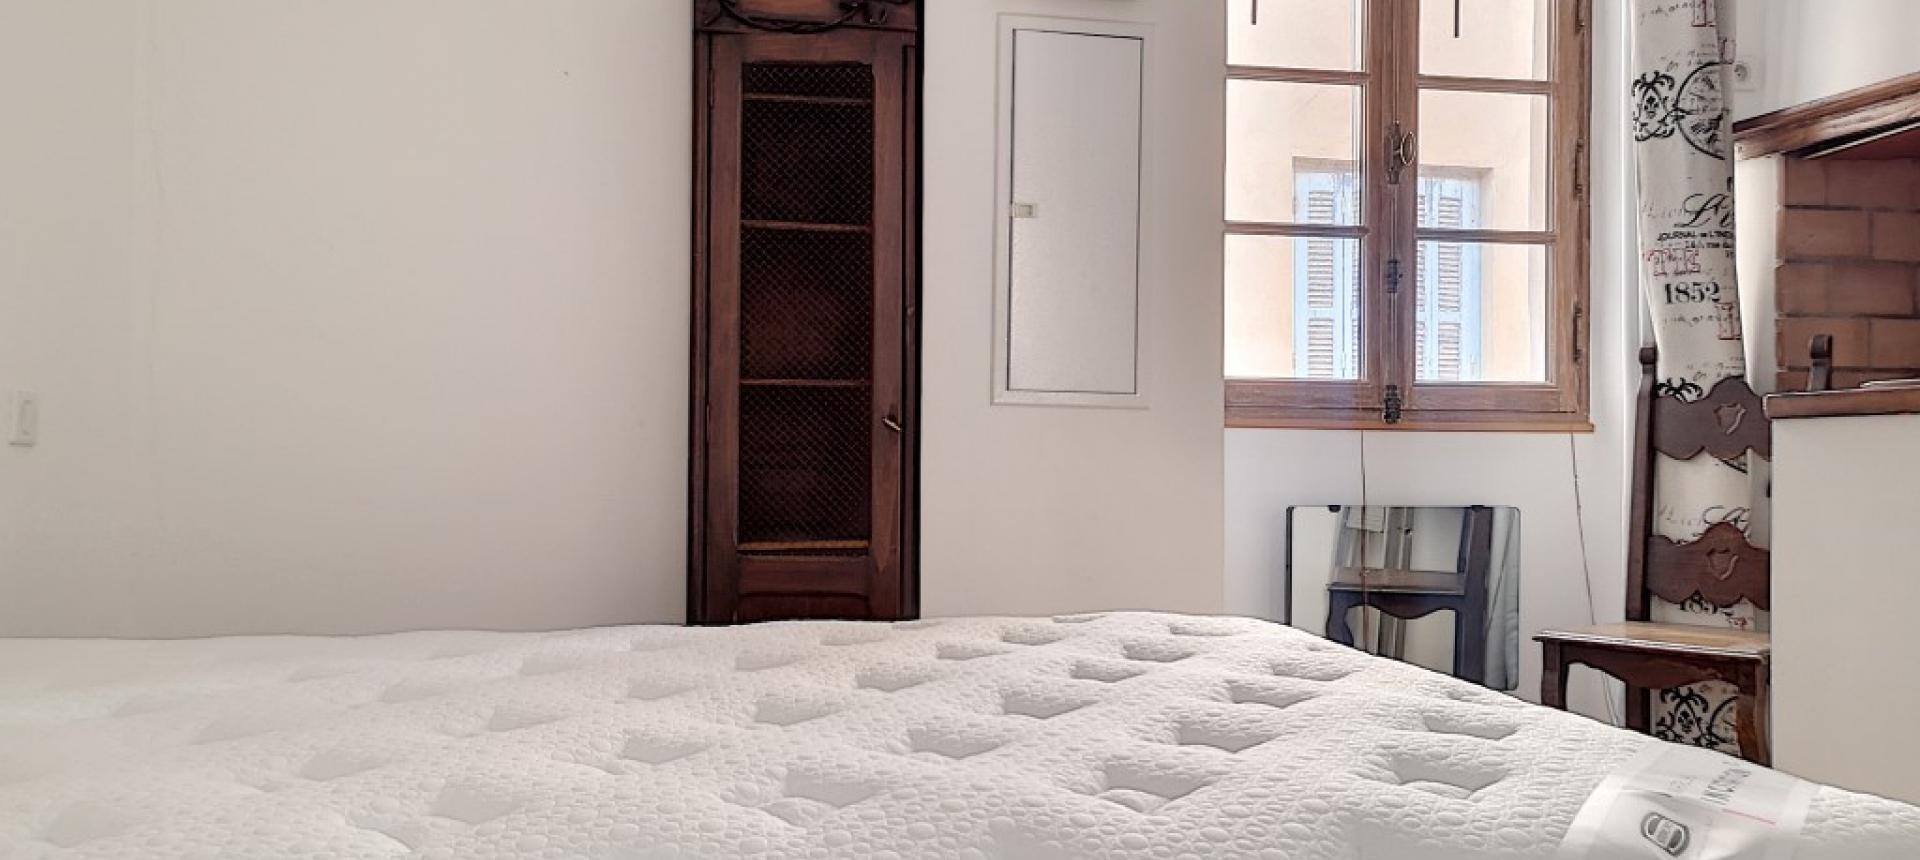 F2 meublé à louer au cœur de la ville d'Ajaccio chambre